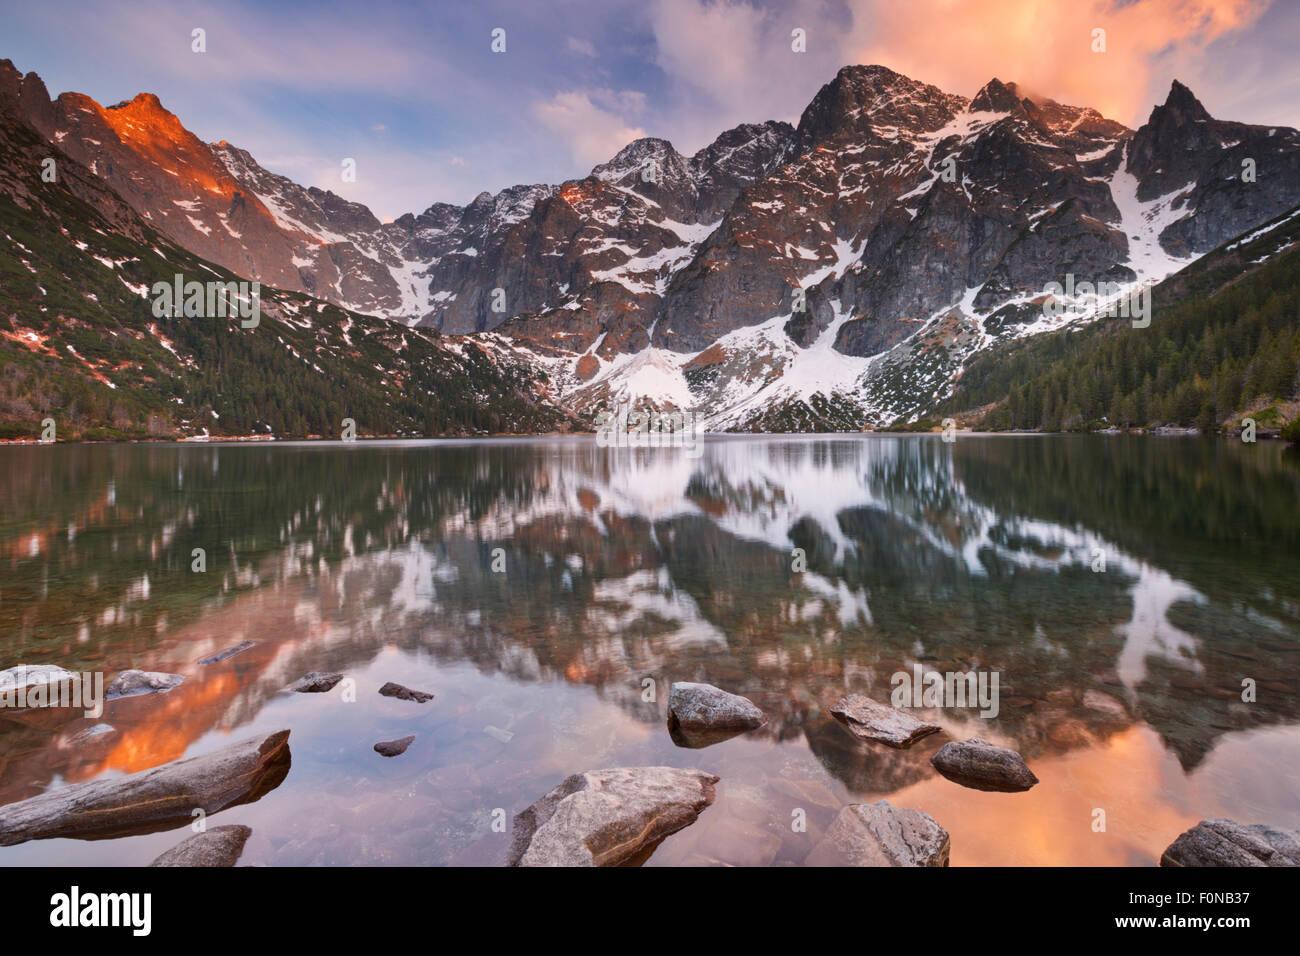 Le Morskie Oko Lac de montagne dans les Tatras en Pologne, photographié au coucher du soleil. Photo Stock